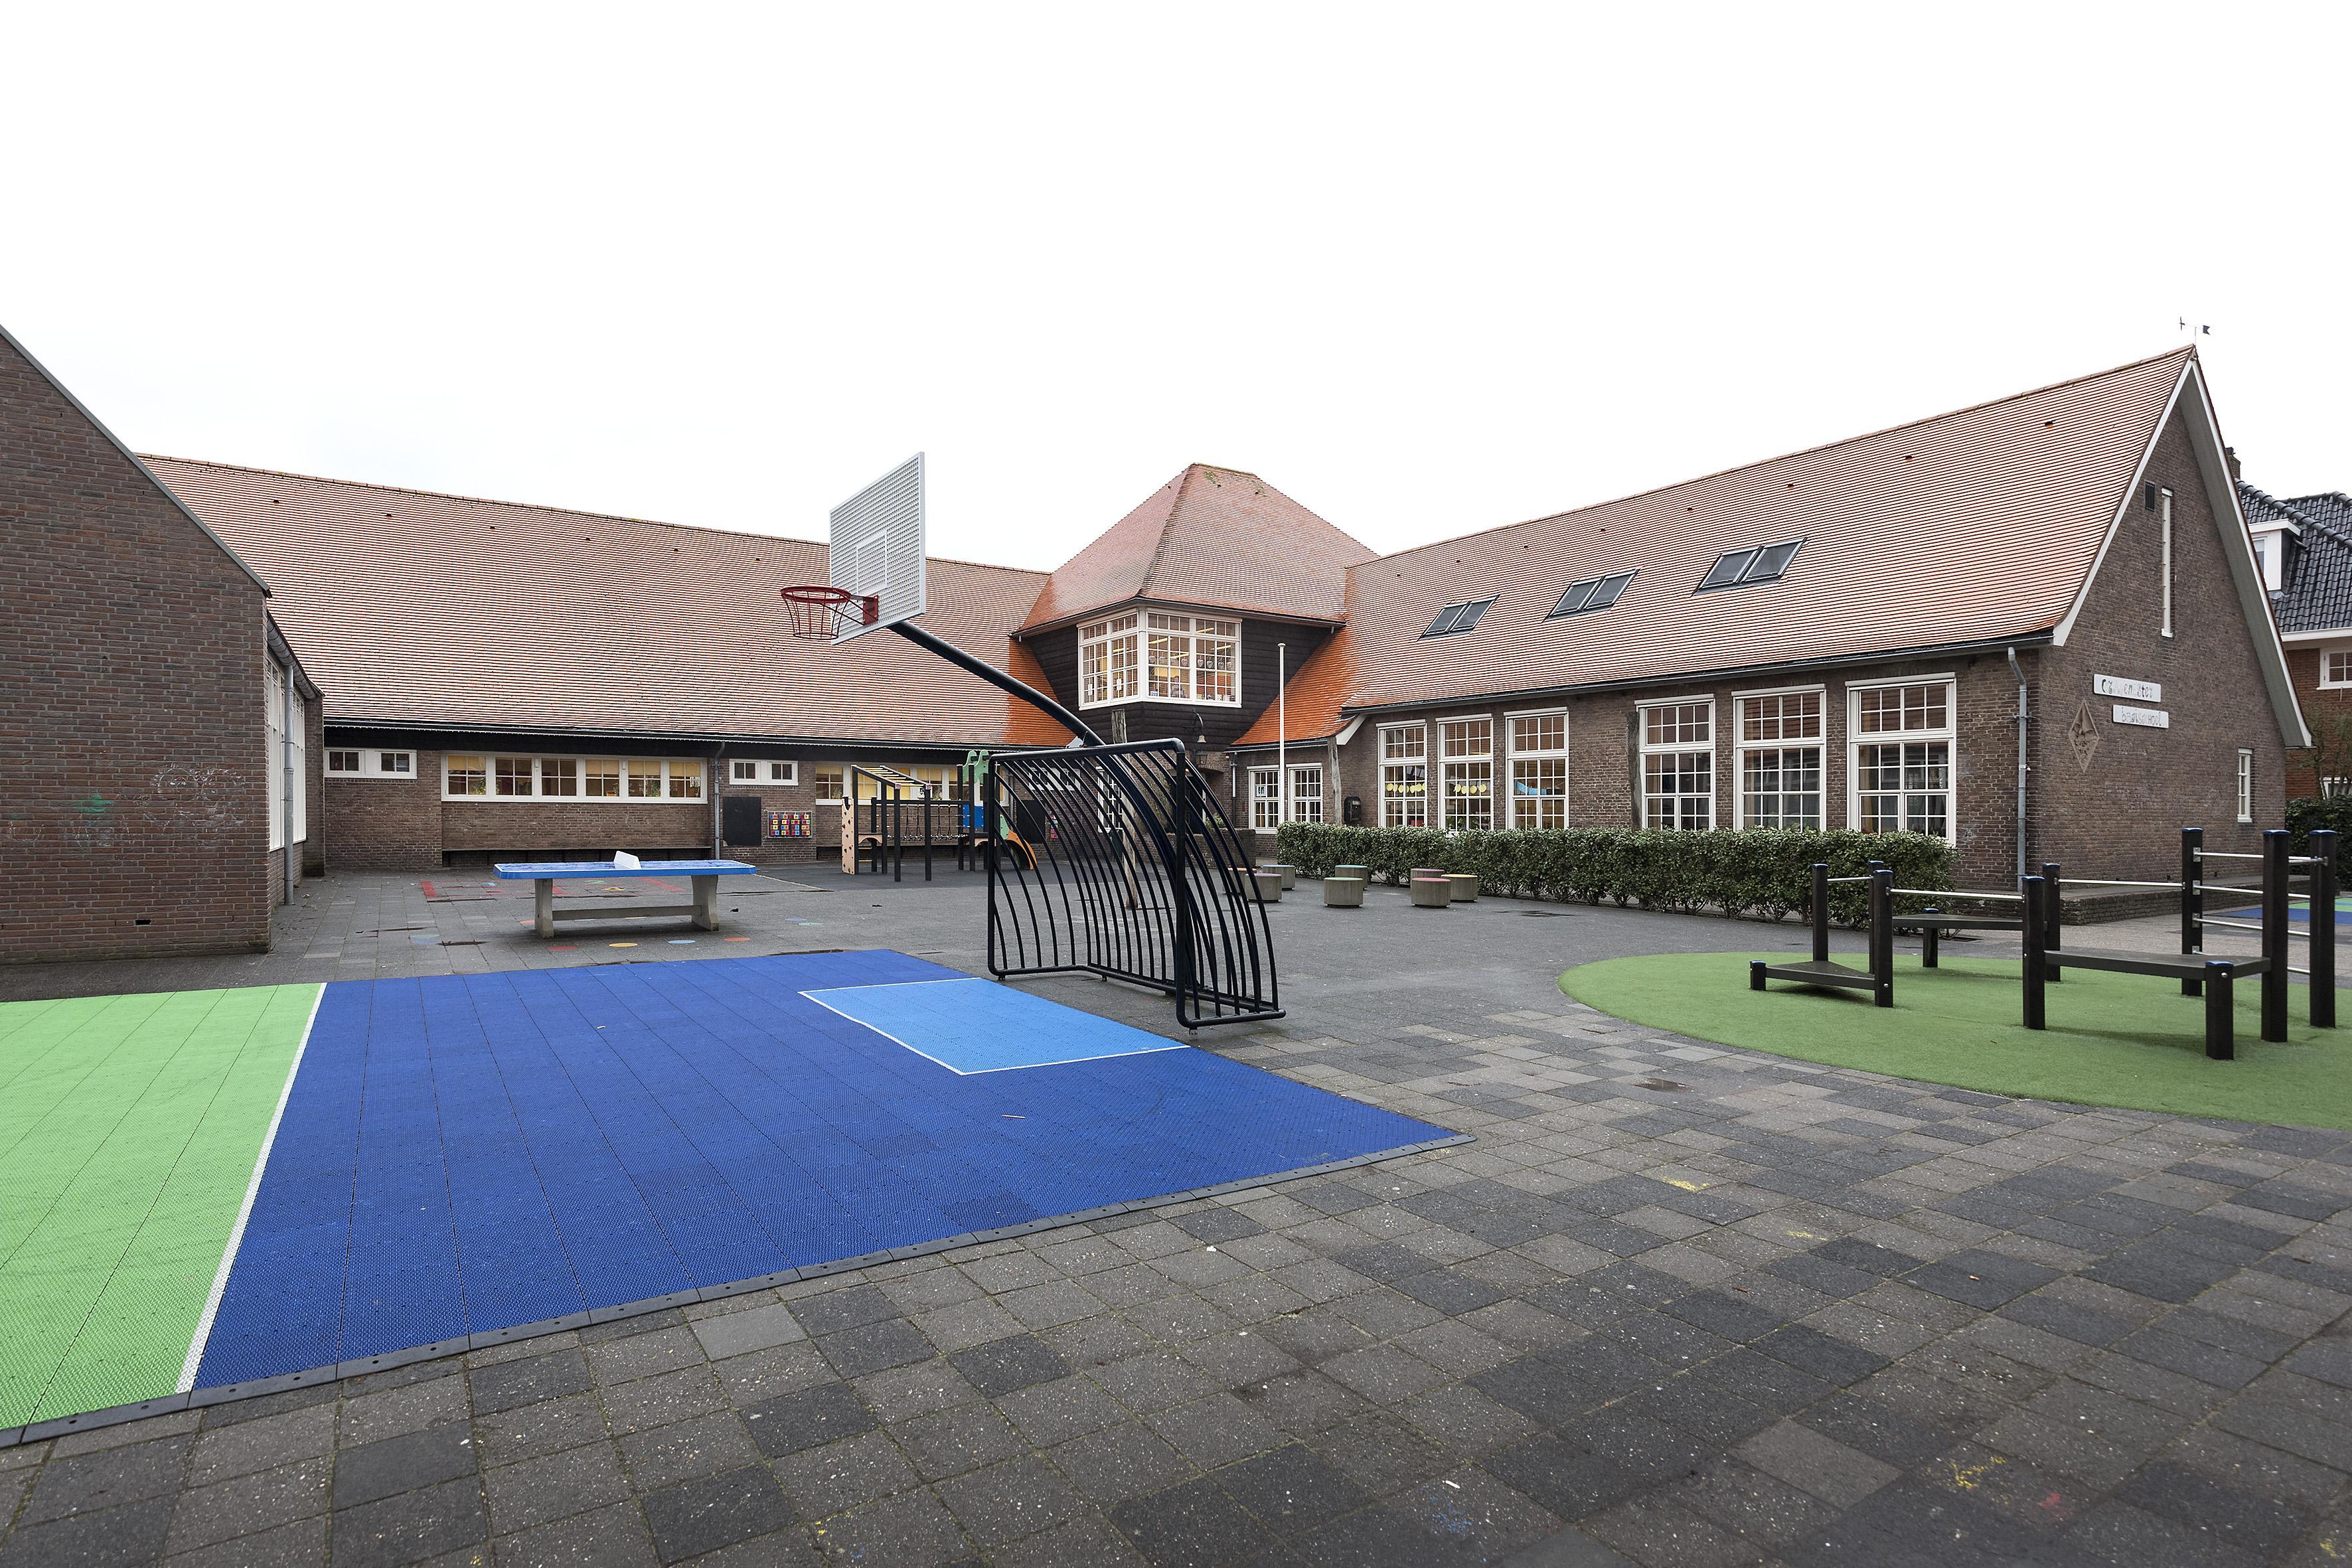 Onderwijsstichting Stopoz heeft weer een flink financieel tekort, maar dat heeft geen gevolgen voor de openbare scholen